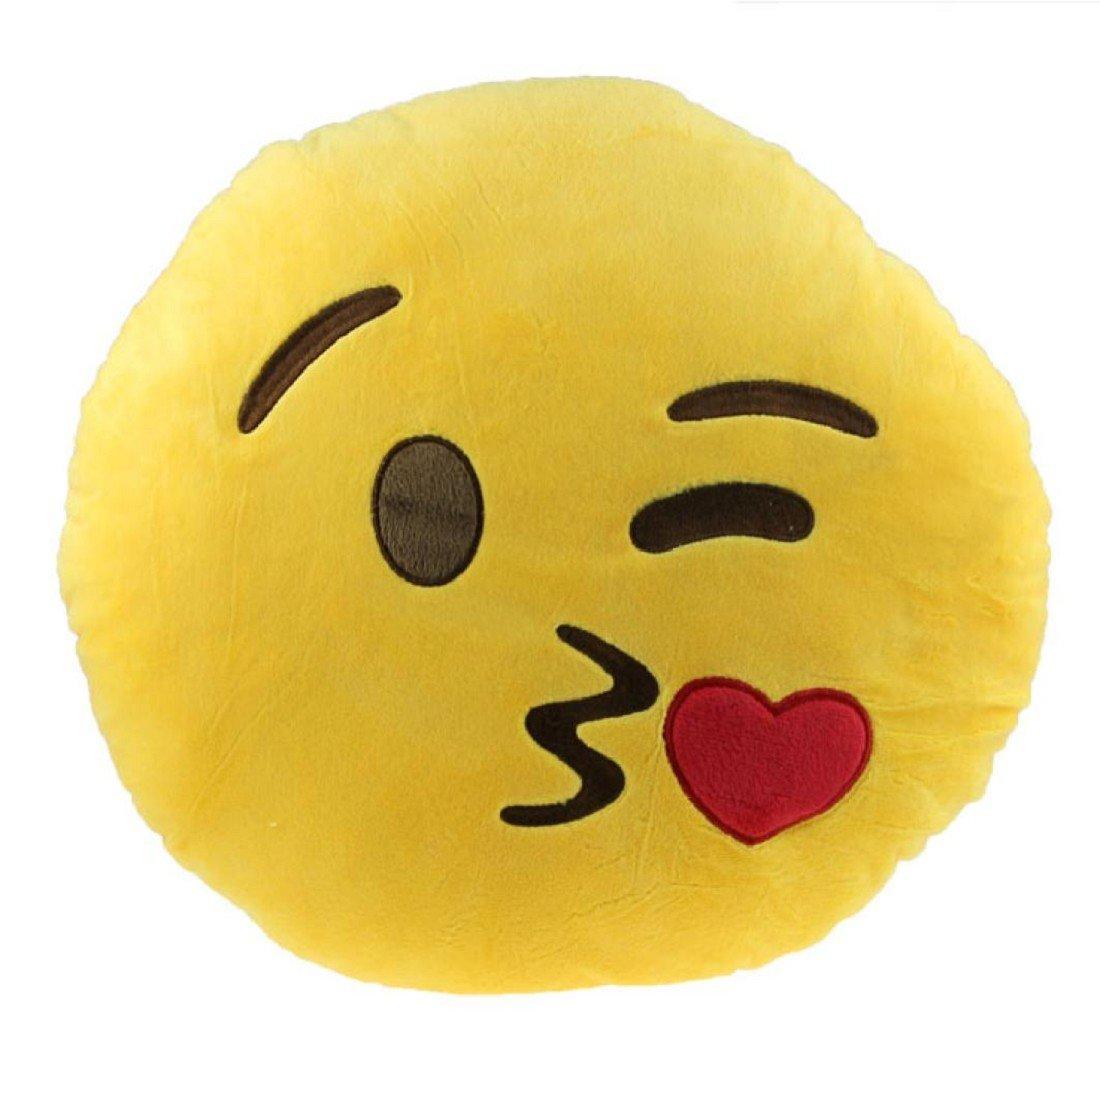 LI&HI Emoji Emoticon almohada Riendo cojšªn almohada Presidente Cojšªn Cojšªn...